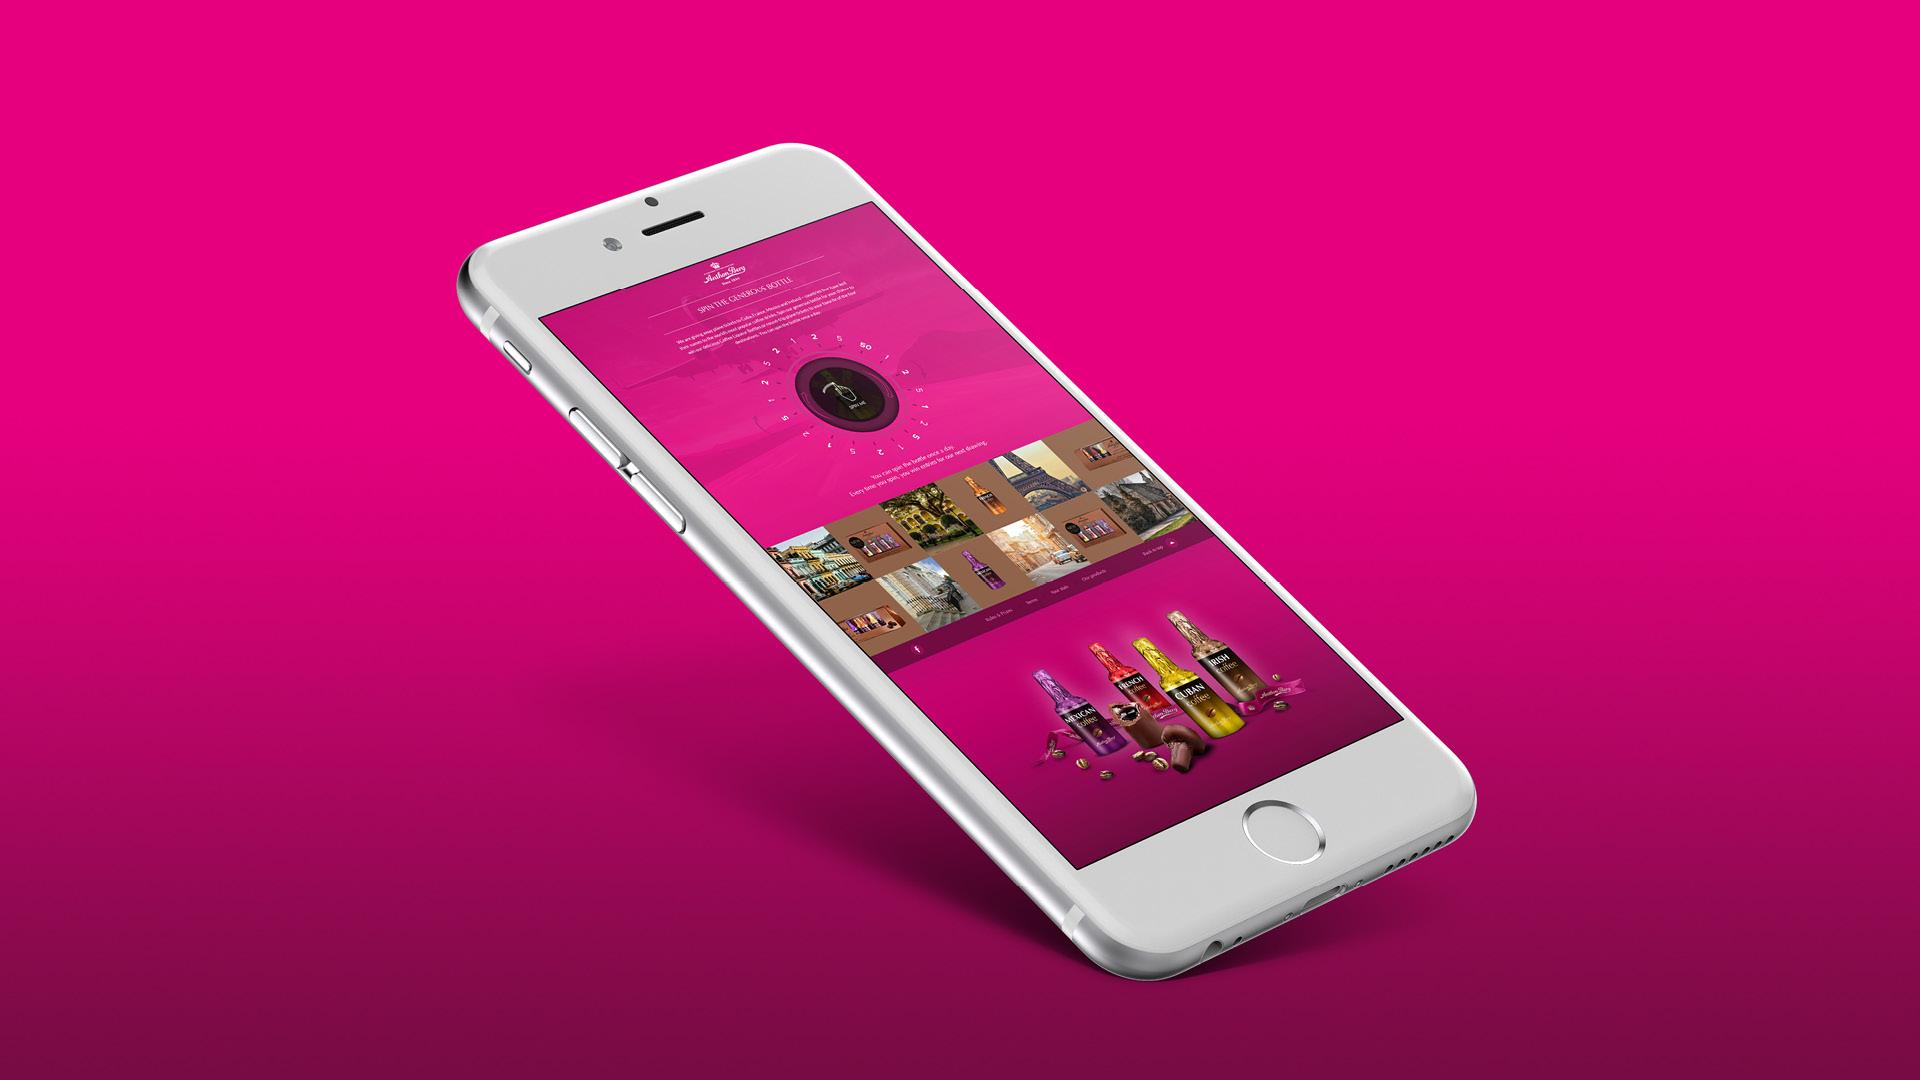 billede af iPhone med screenshot af Anthon Berg Spin the bottle app på lyserød baggrund